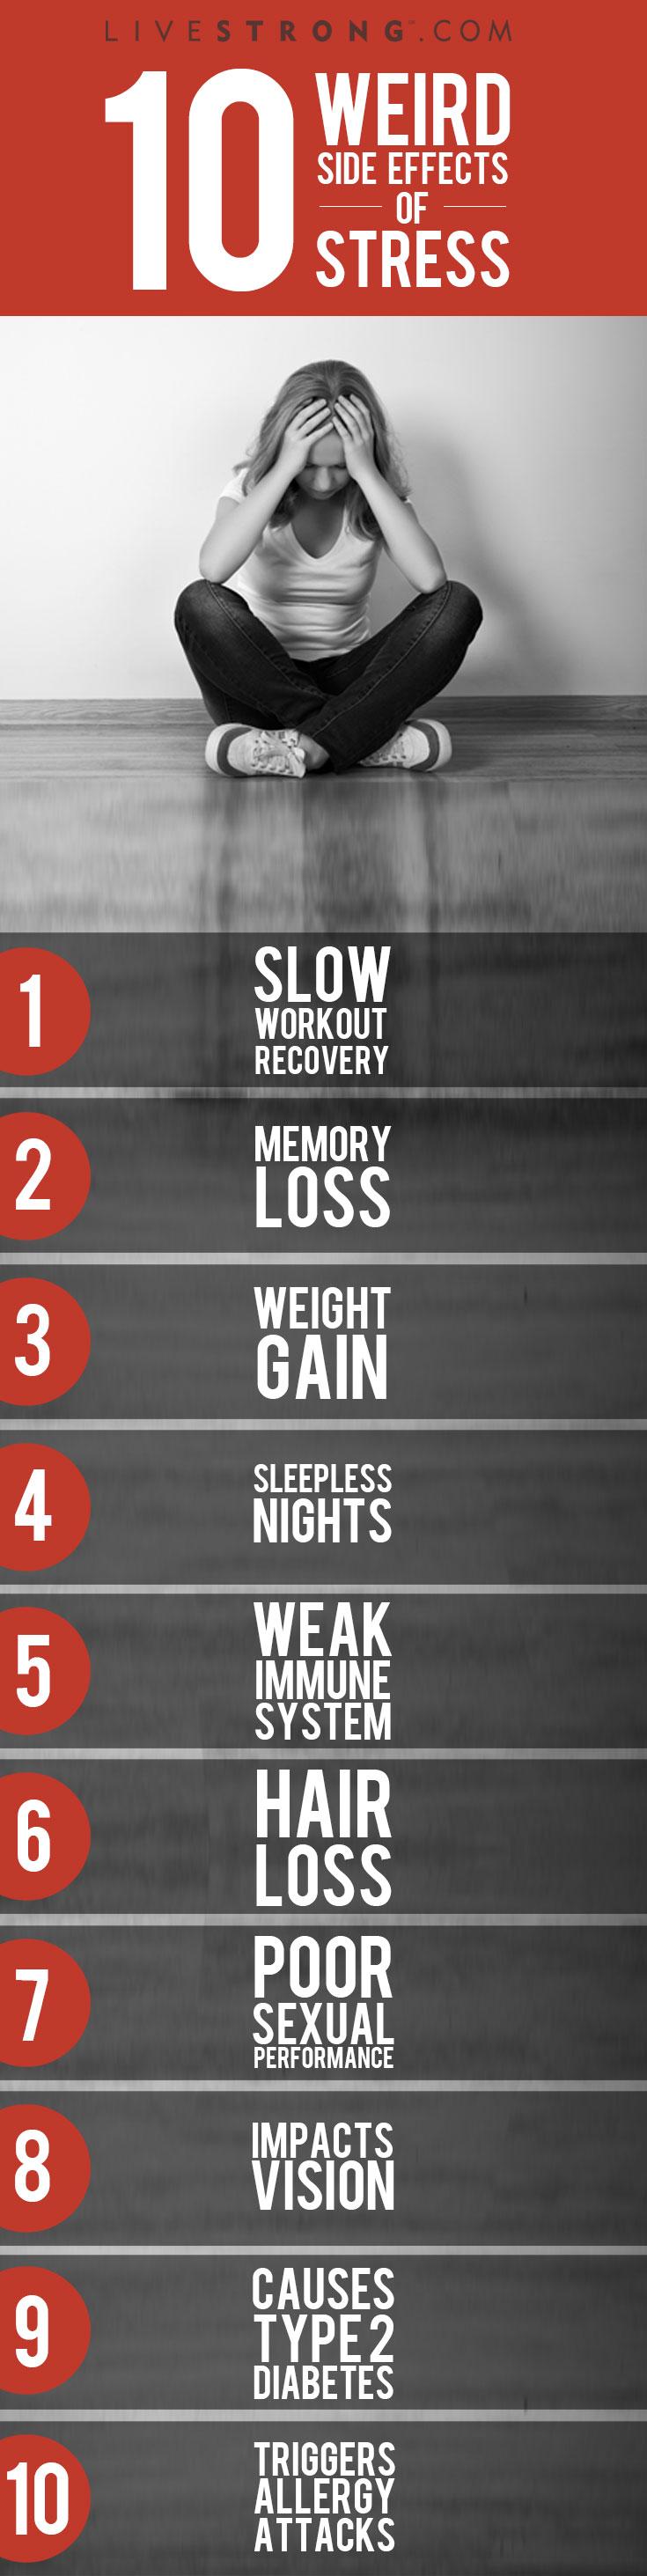 Weird Side-effects of Stress